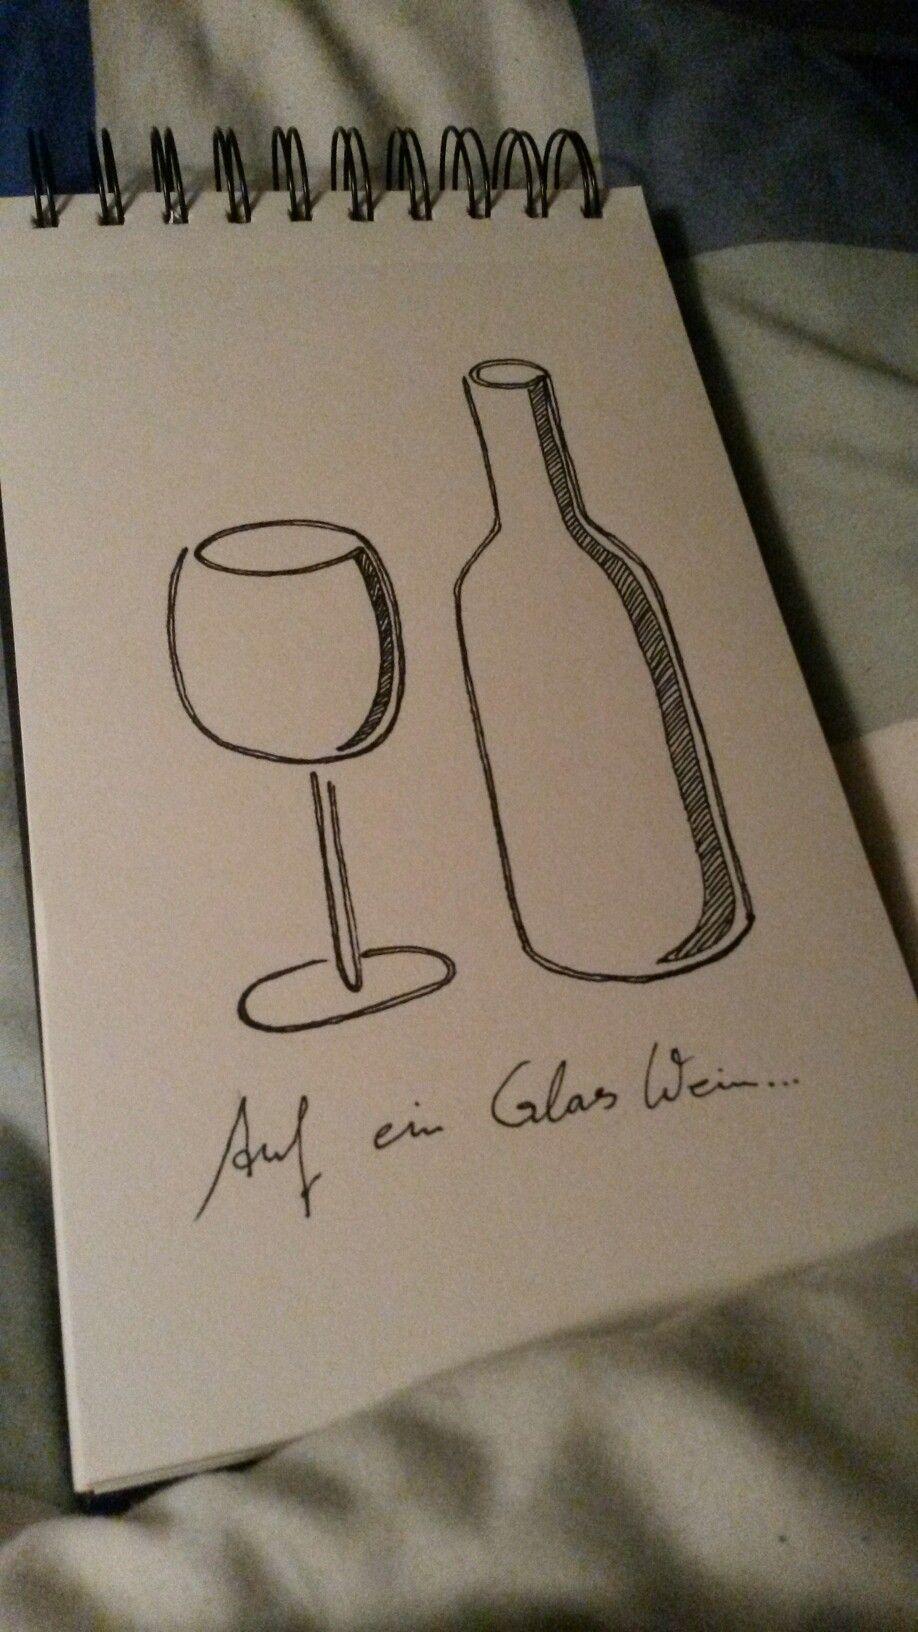 Auf ein Glas Wein....